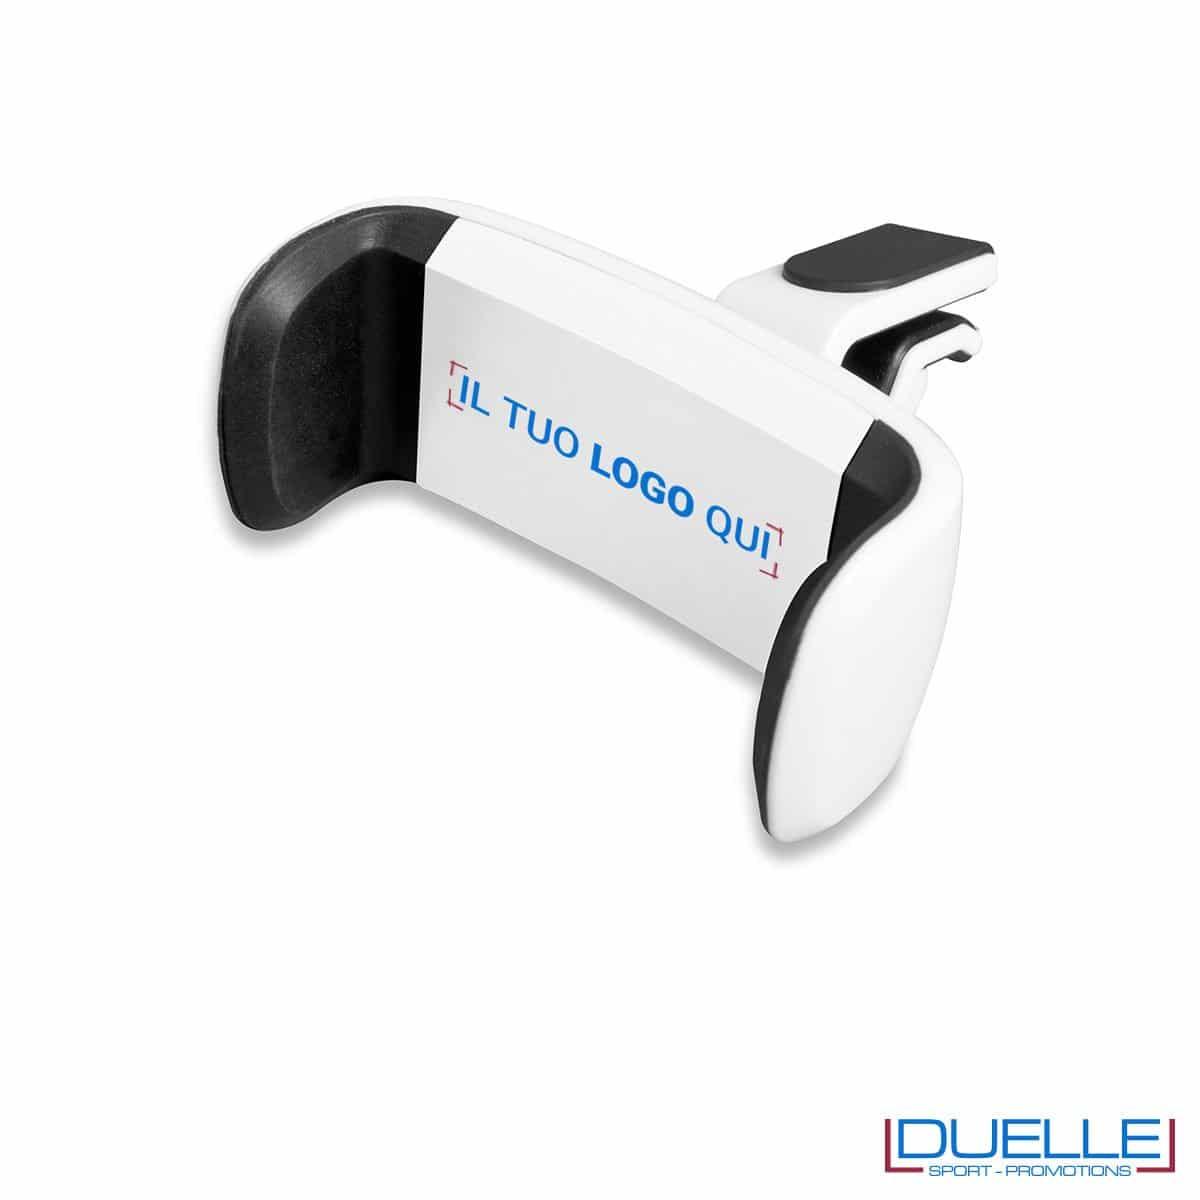 Supporto smartphone universale personalizzato bianco